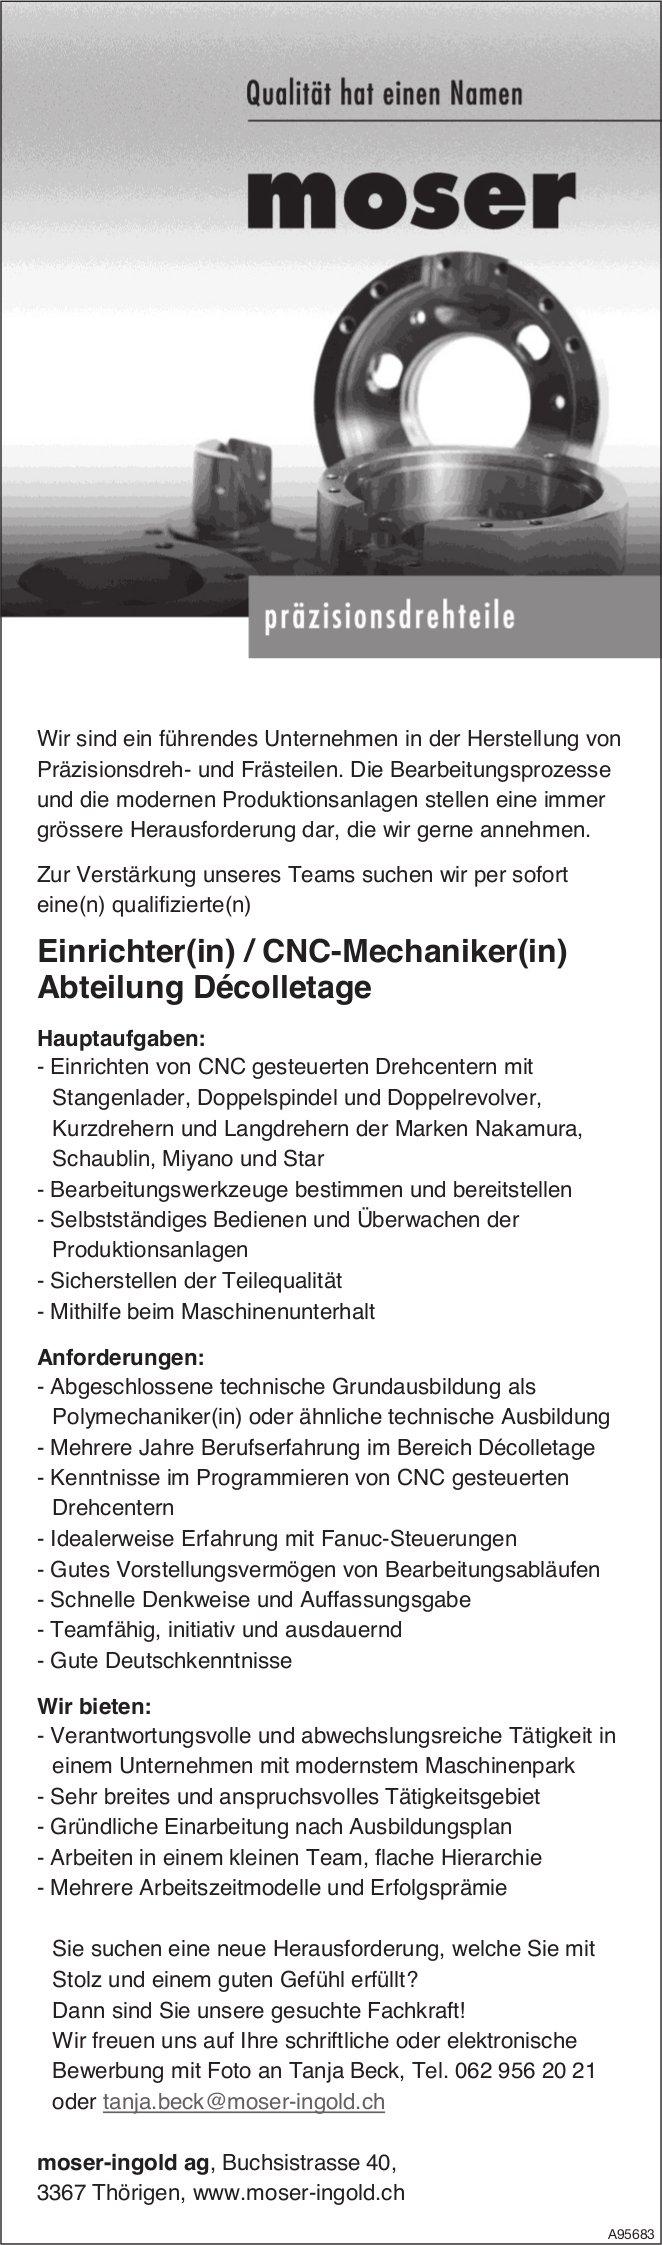 Einrichter(in) / CNC-Mechaniker(in) Abteilung Décolletage, moser-ingold ag, Thörigen, gesucht